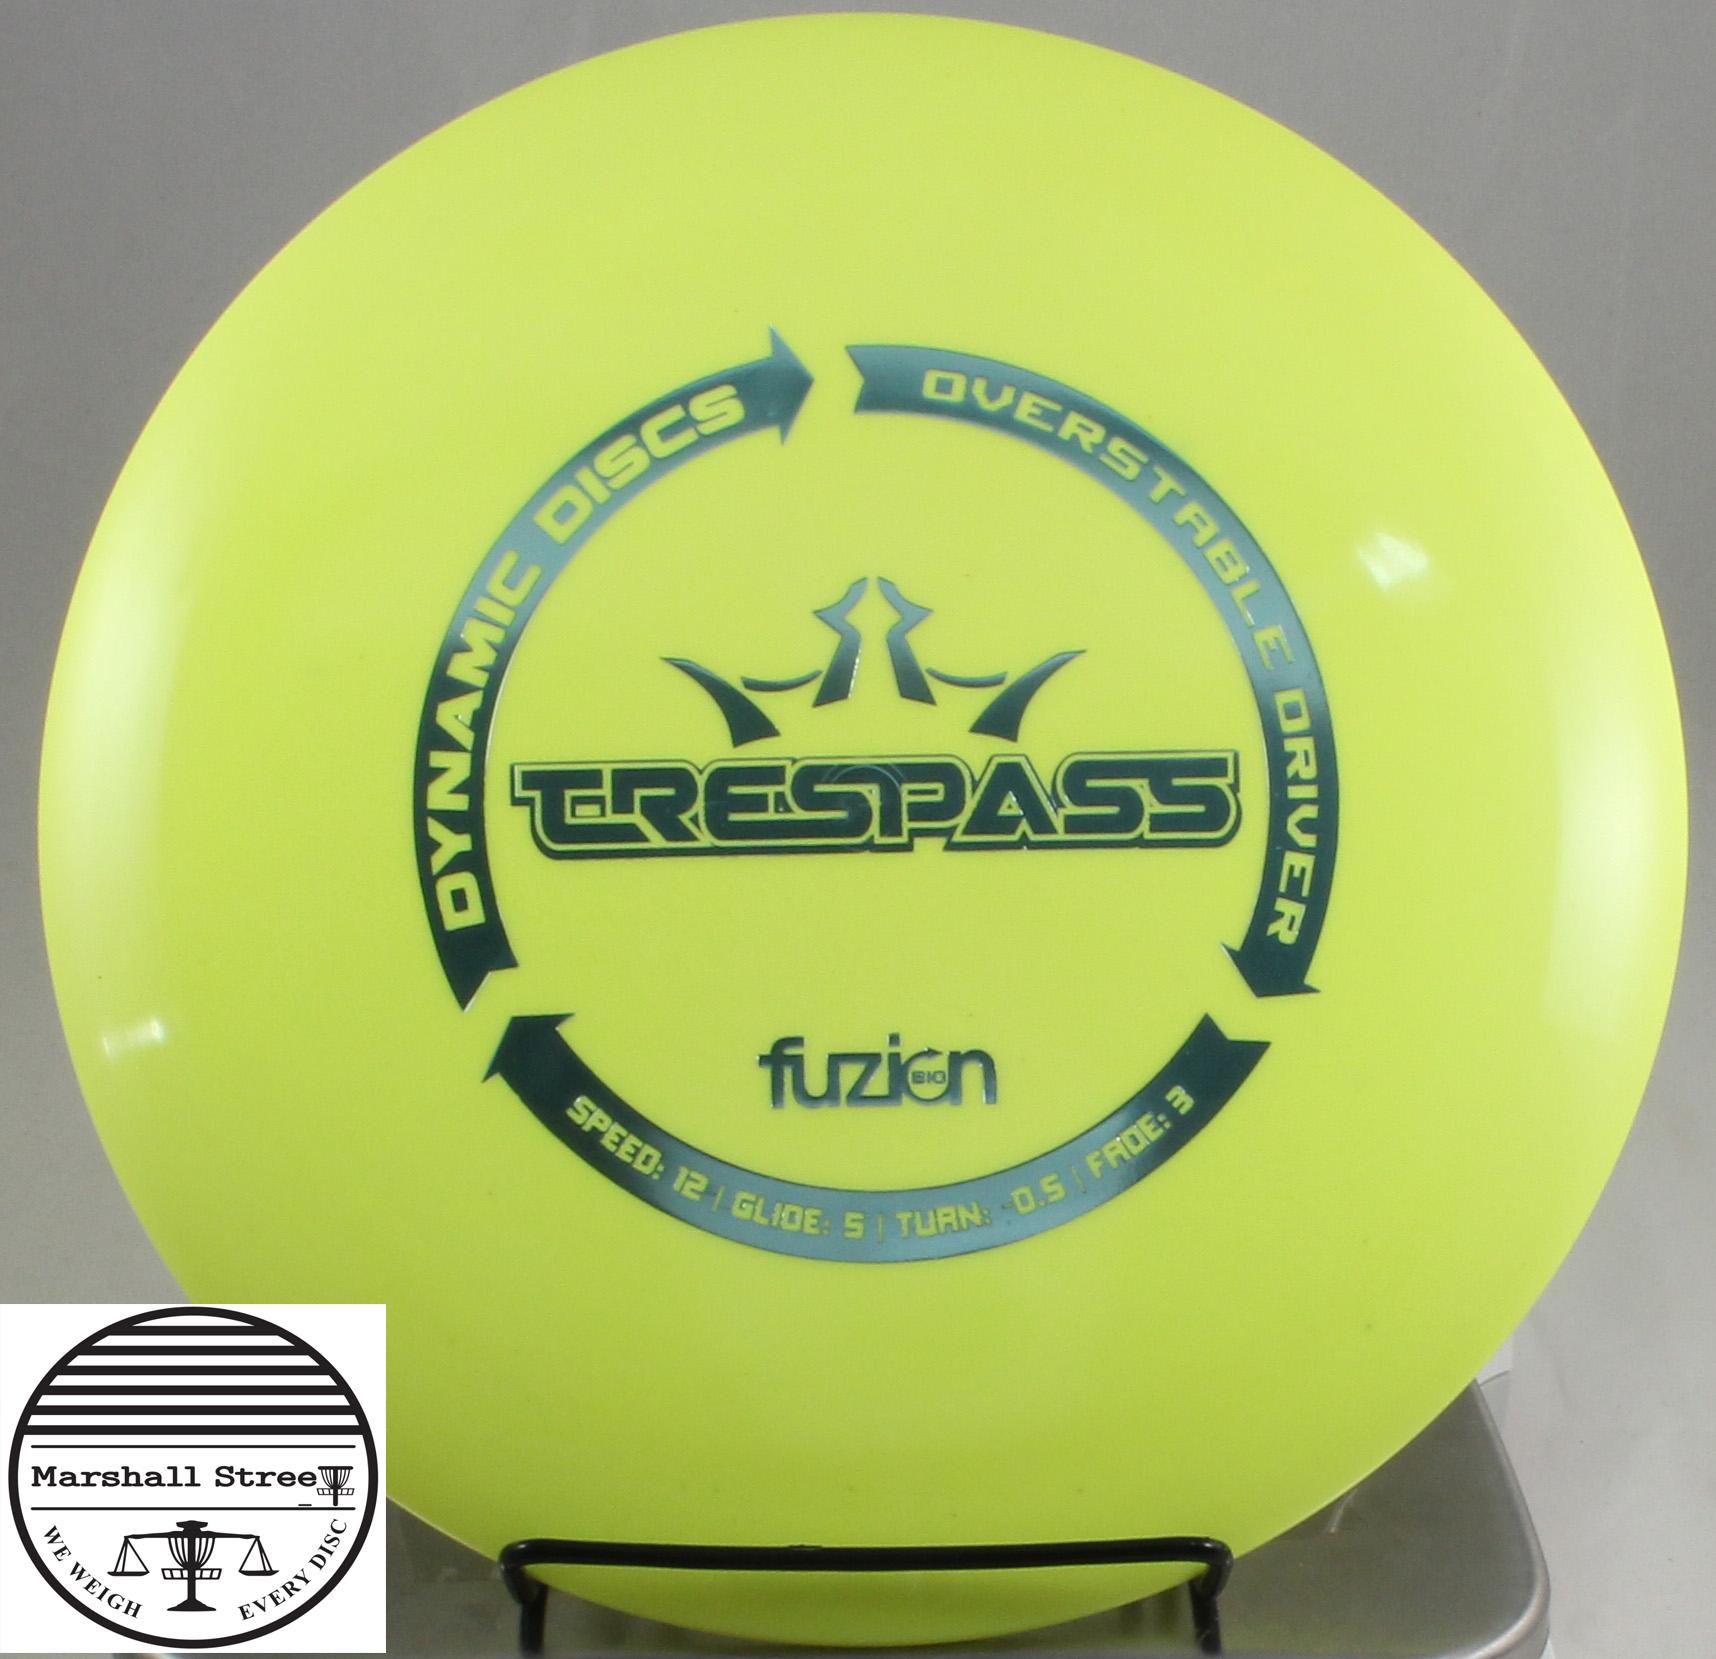 BioFuzion Trespass